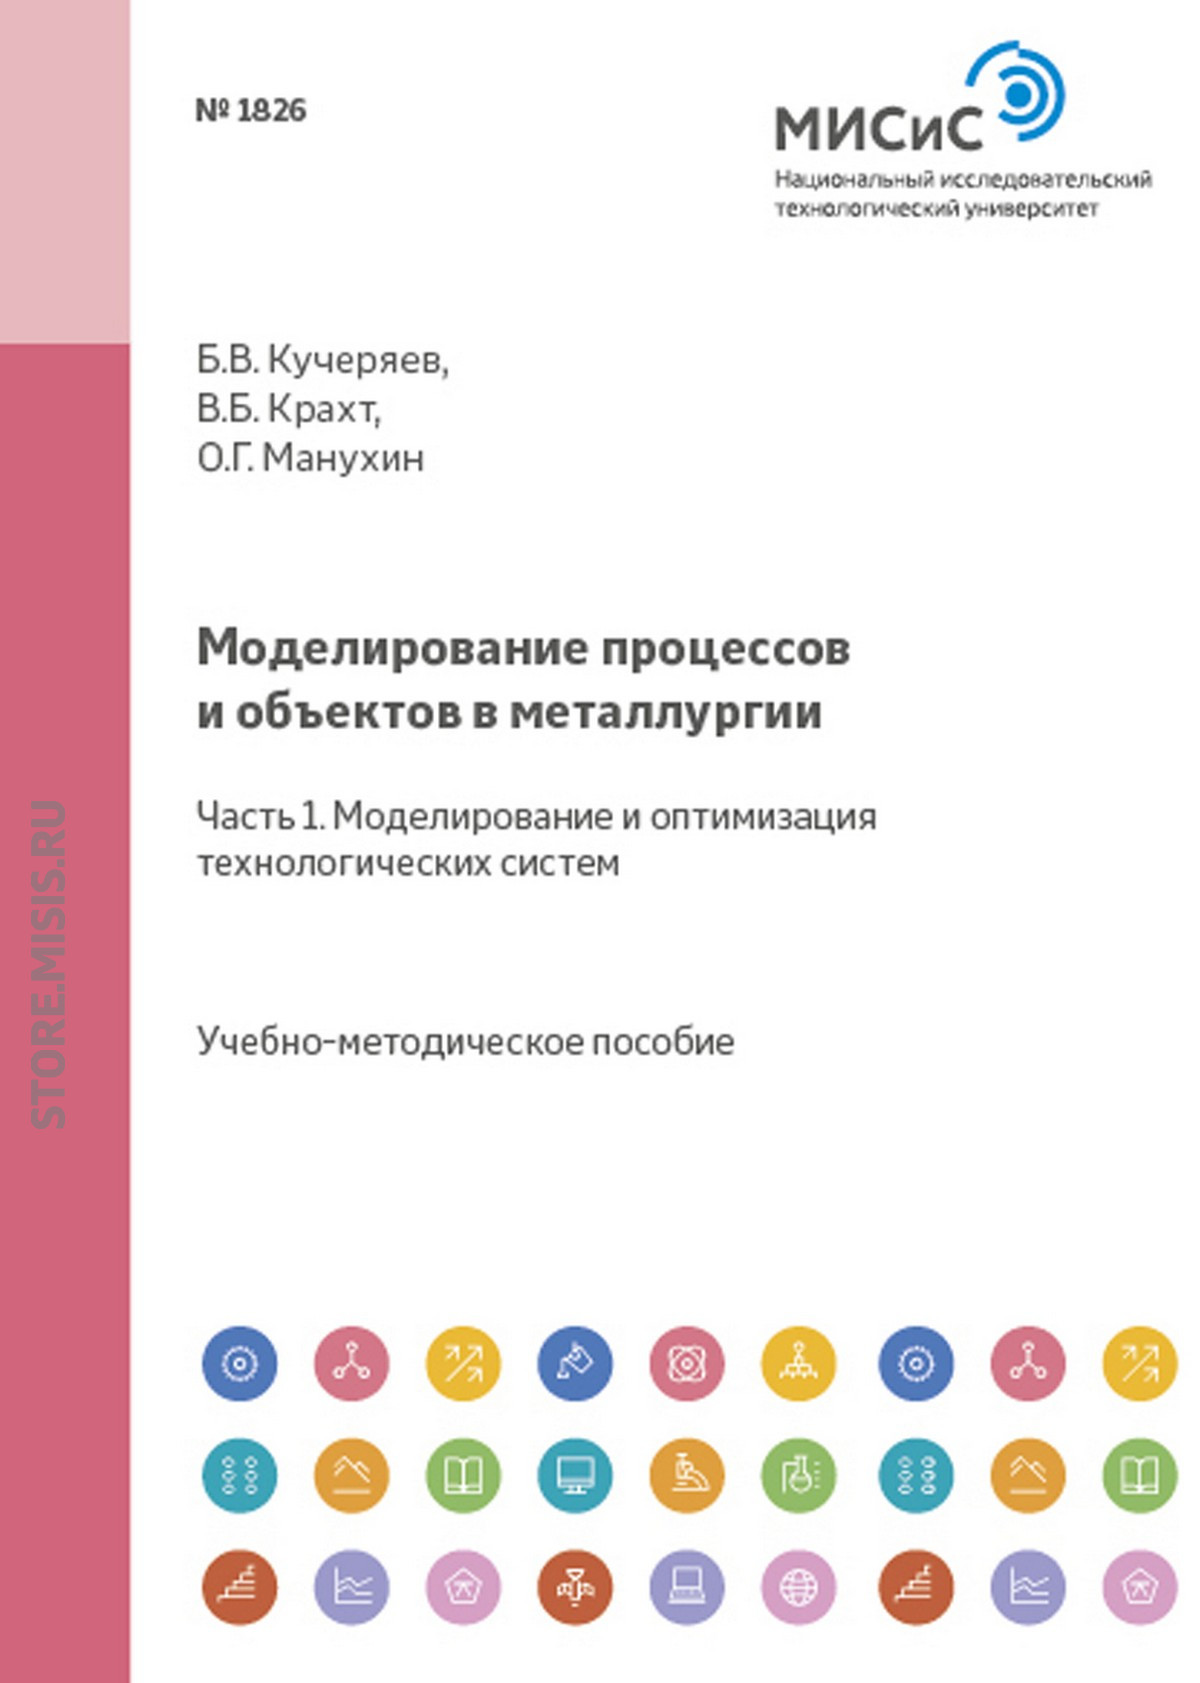 цена на Борис Кучеряев Моделирование процессов и объектов в металлургии. Часть 1. Моделирование и оптимизация технологических систем